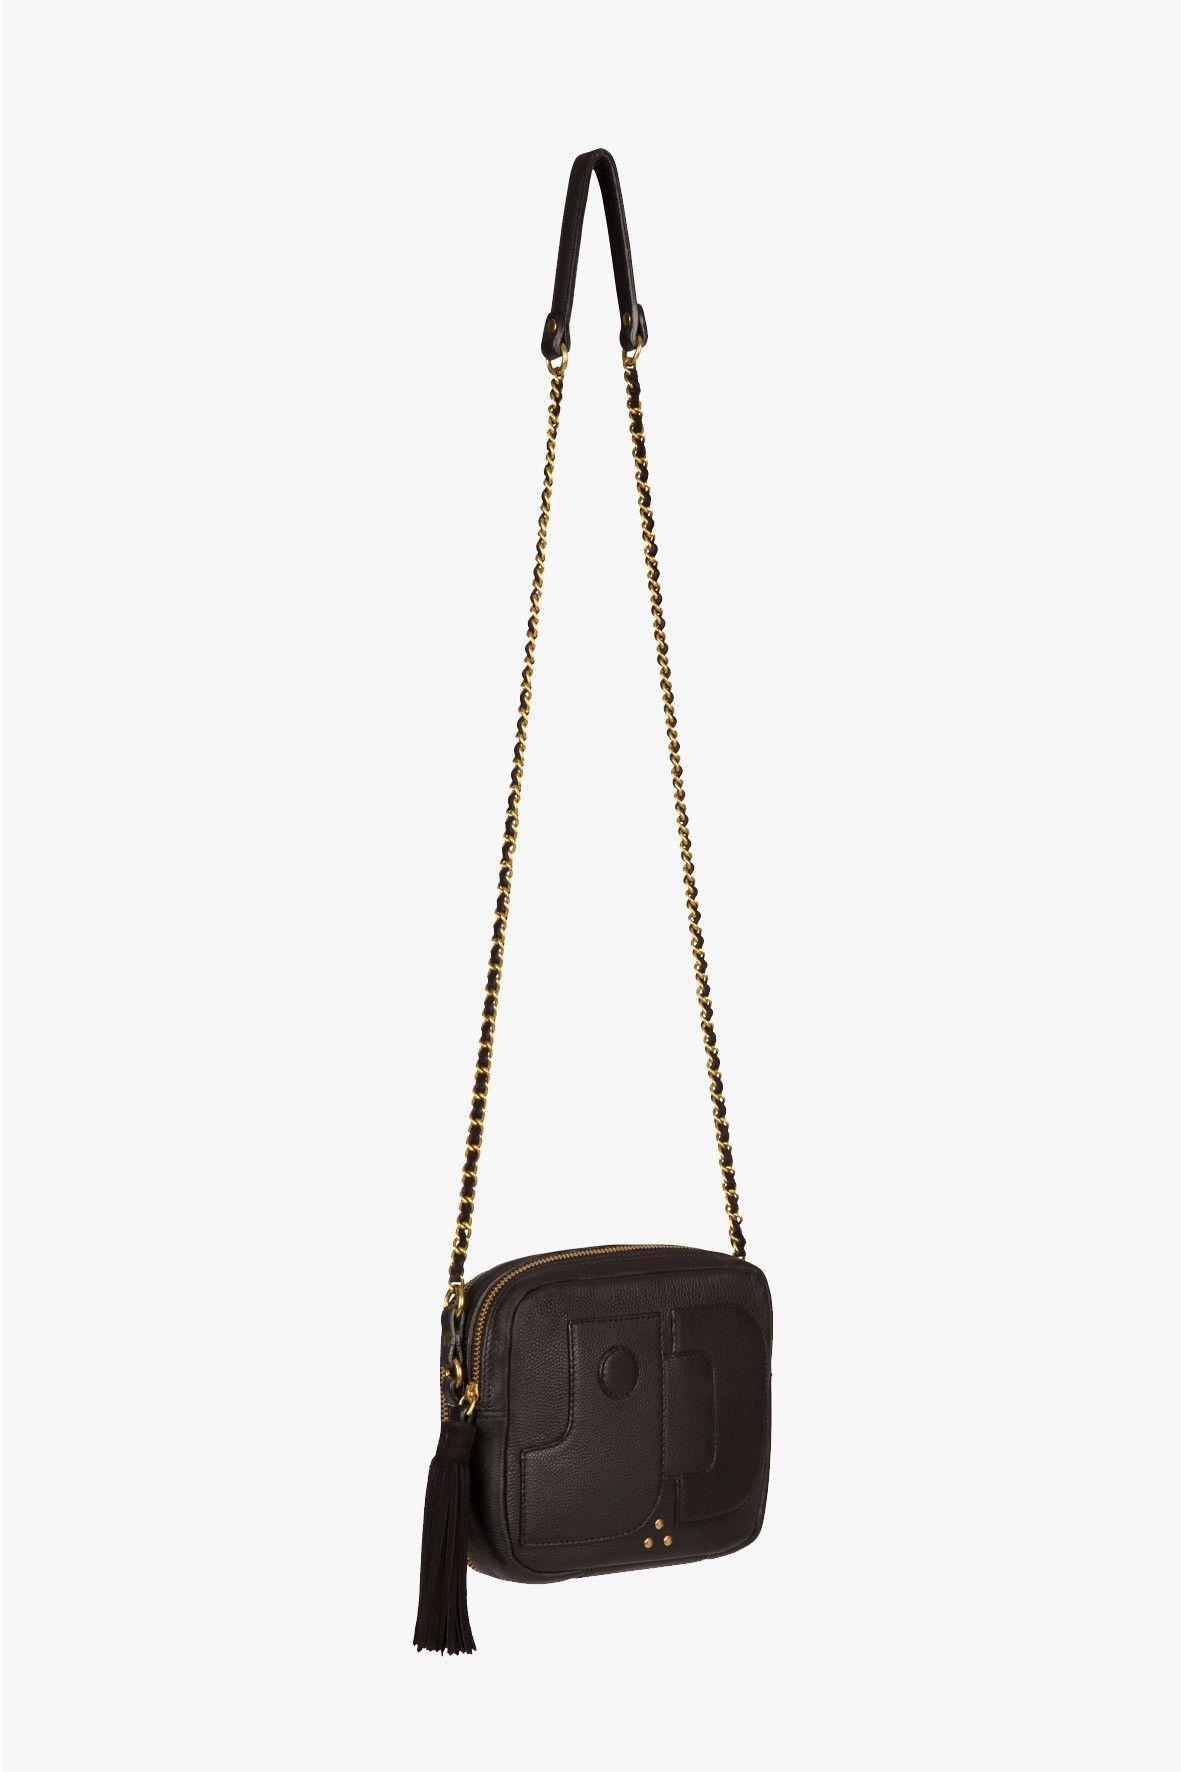 cc5d8b8413 Pascal shoulder bag in noir